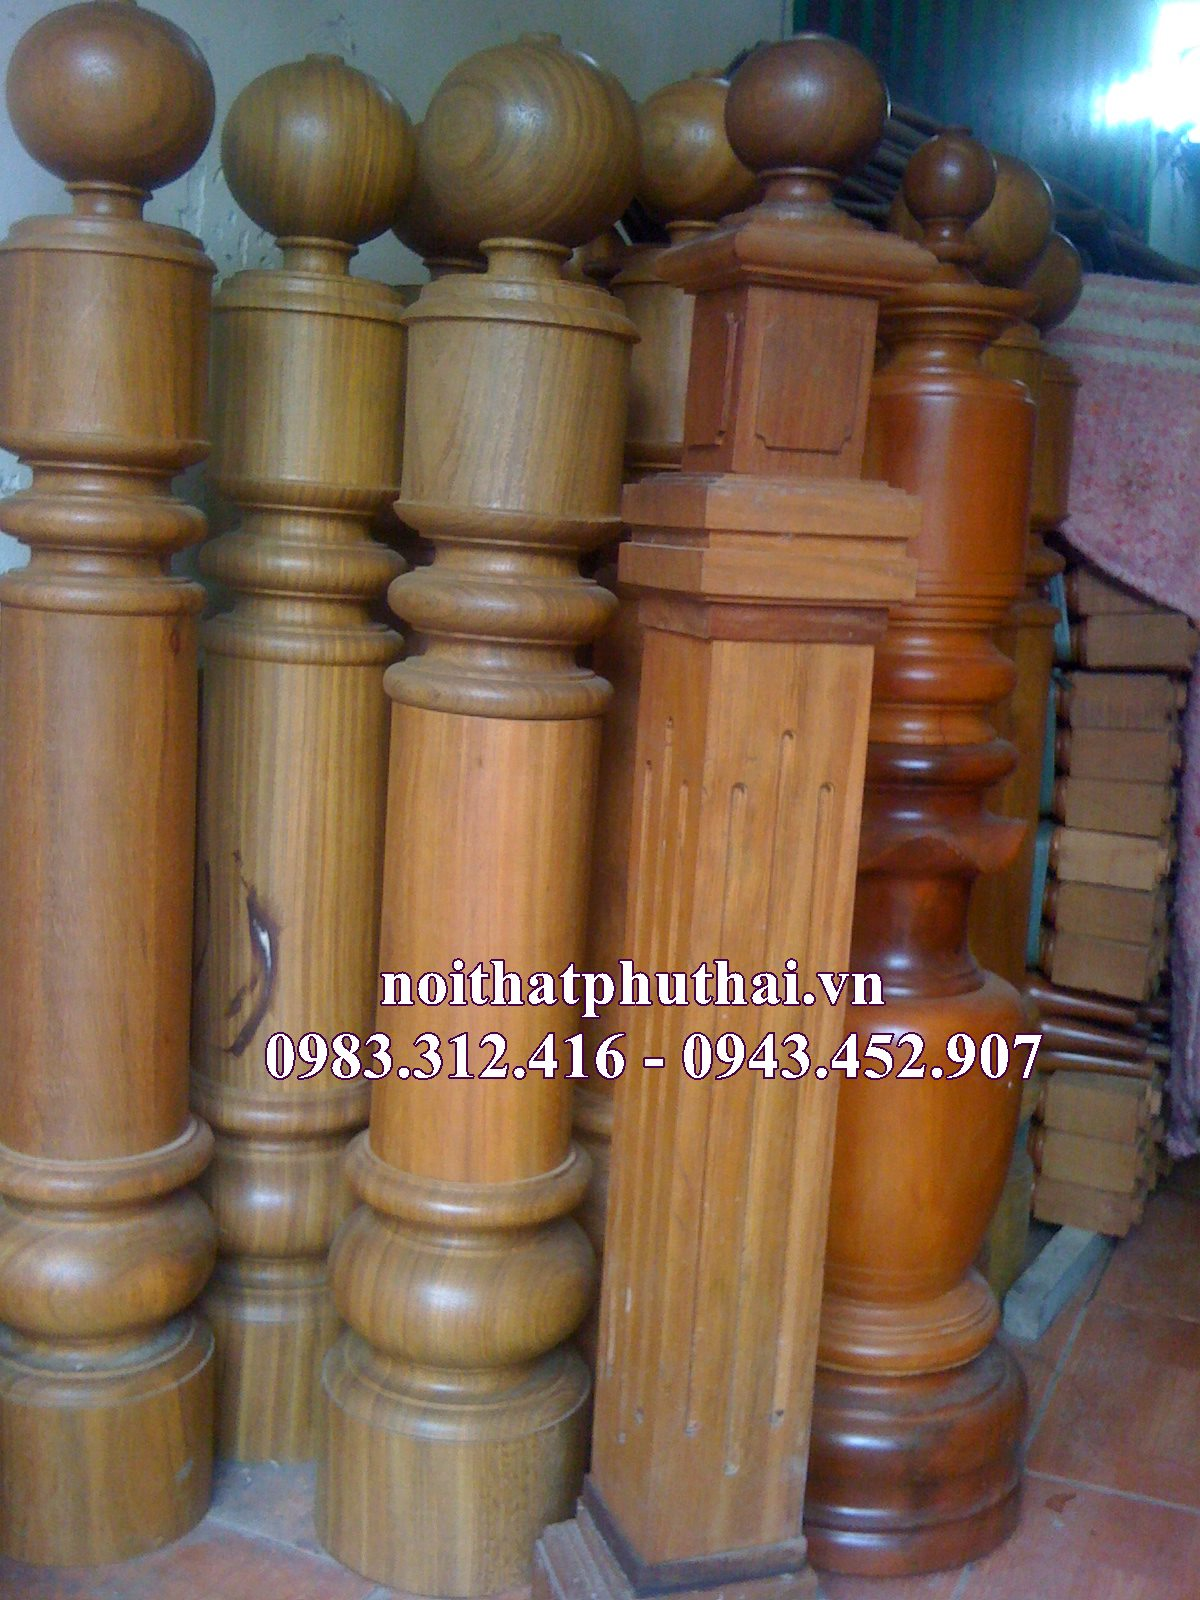 Trụ gỗ cầu thang PT03